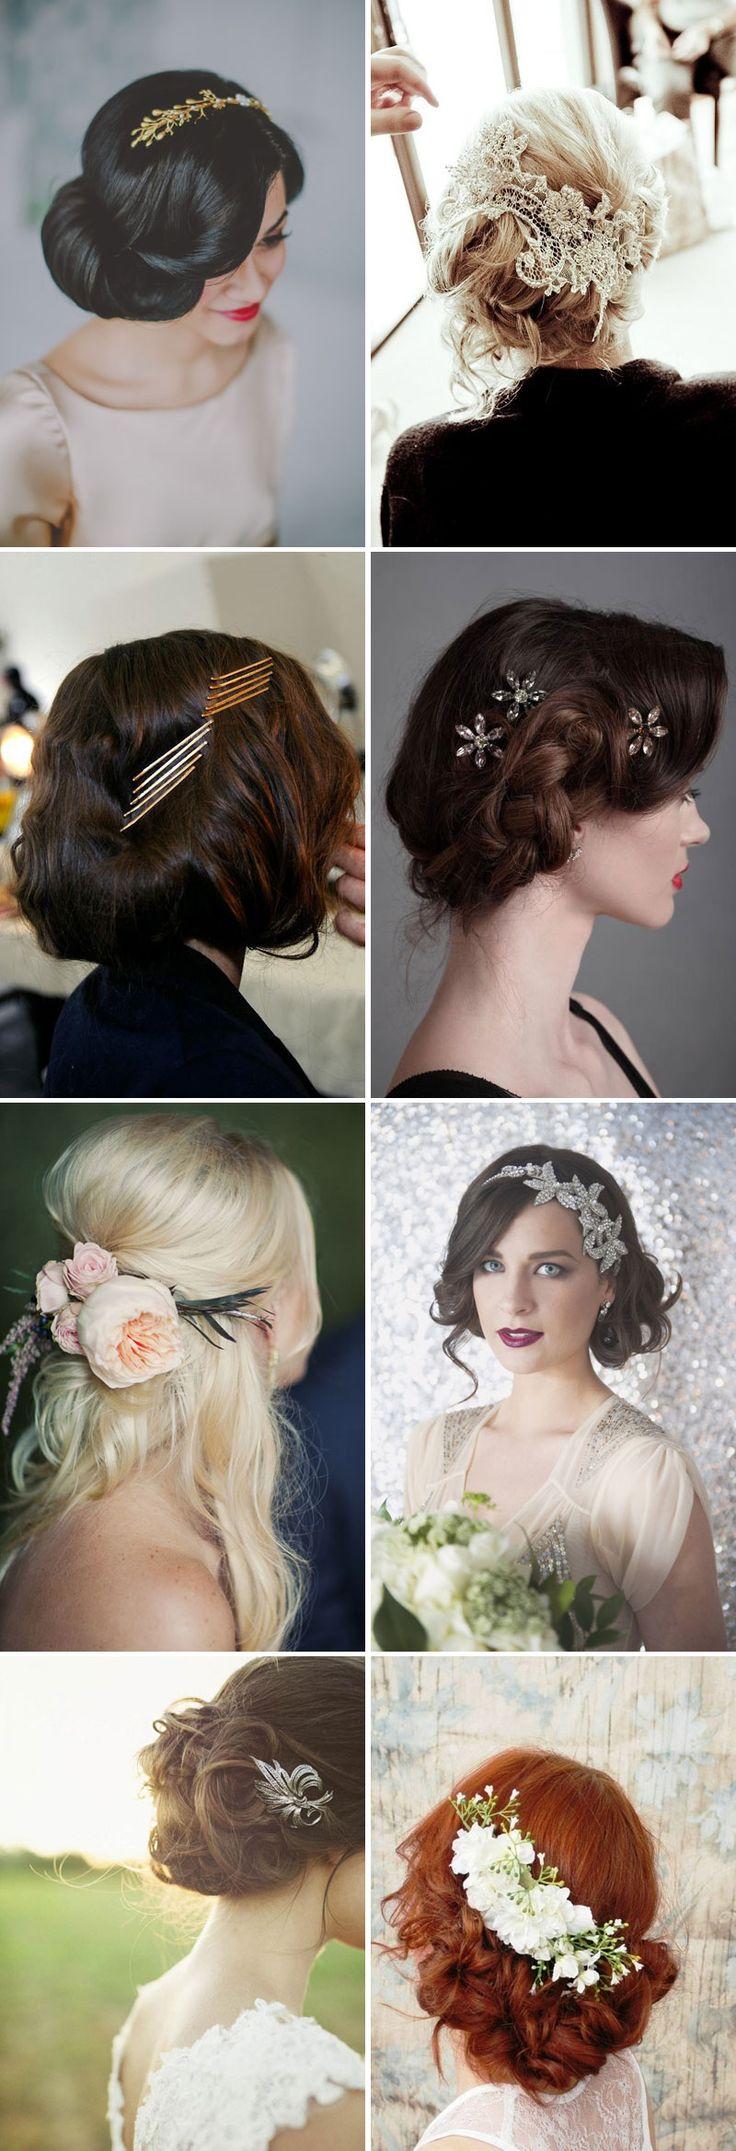 Свадебные прически с фото на все типы волос - Мир Позитива 16